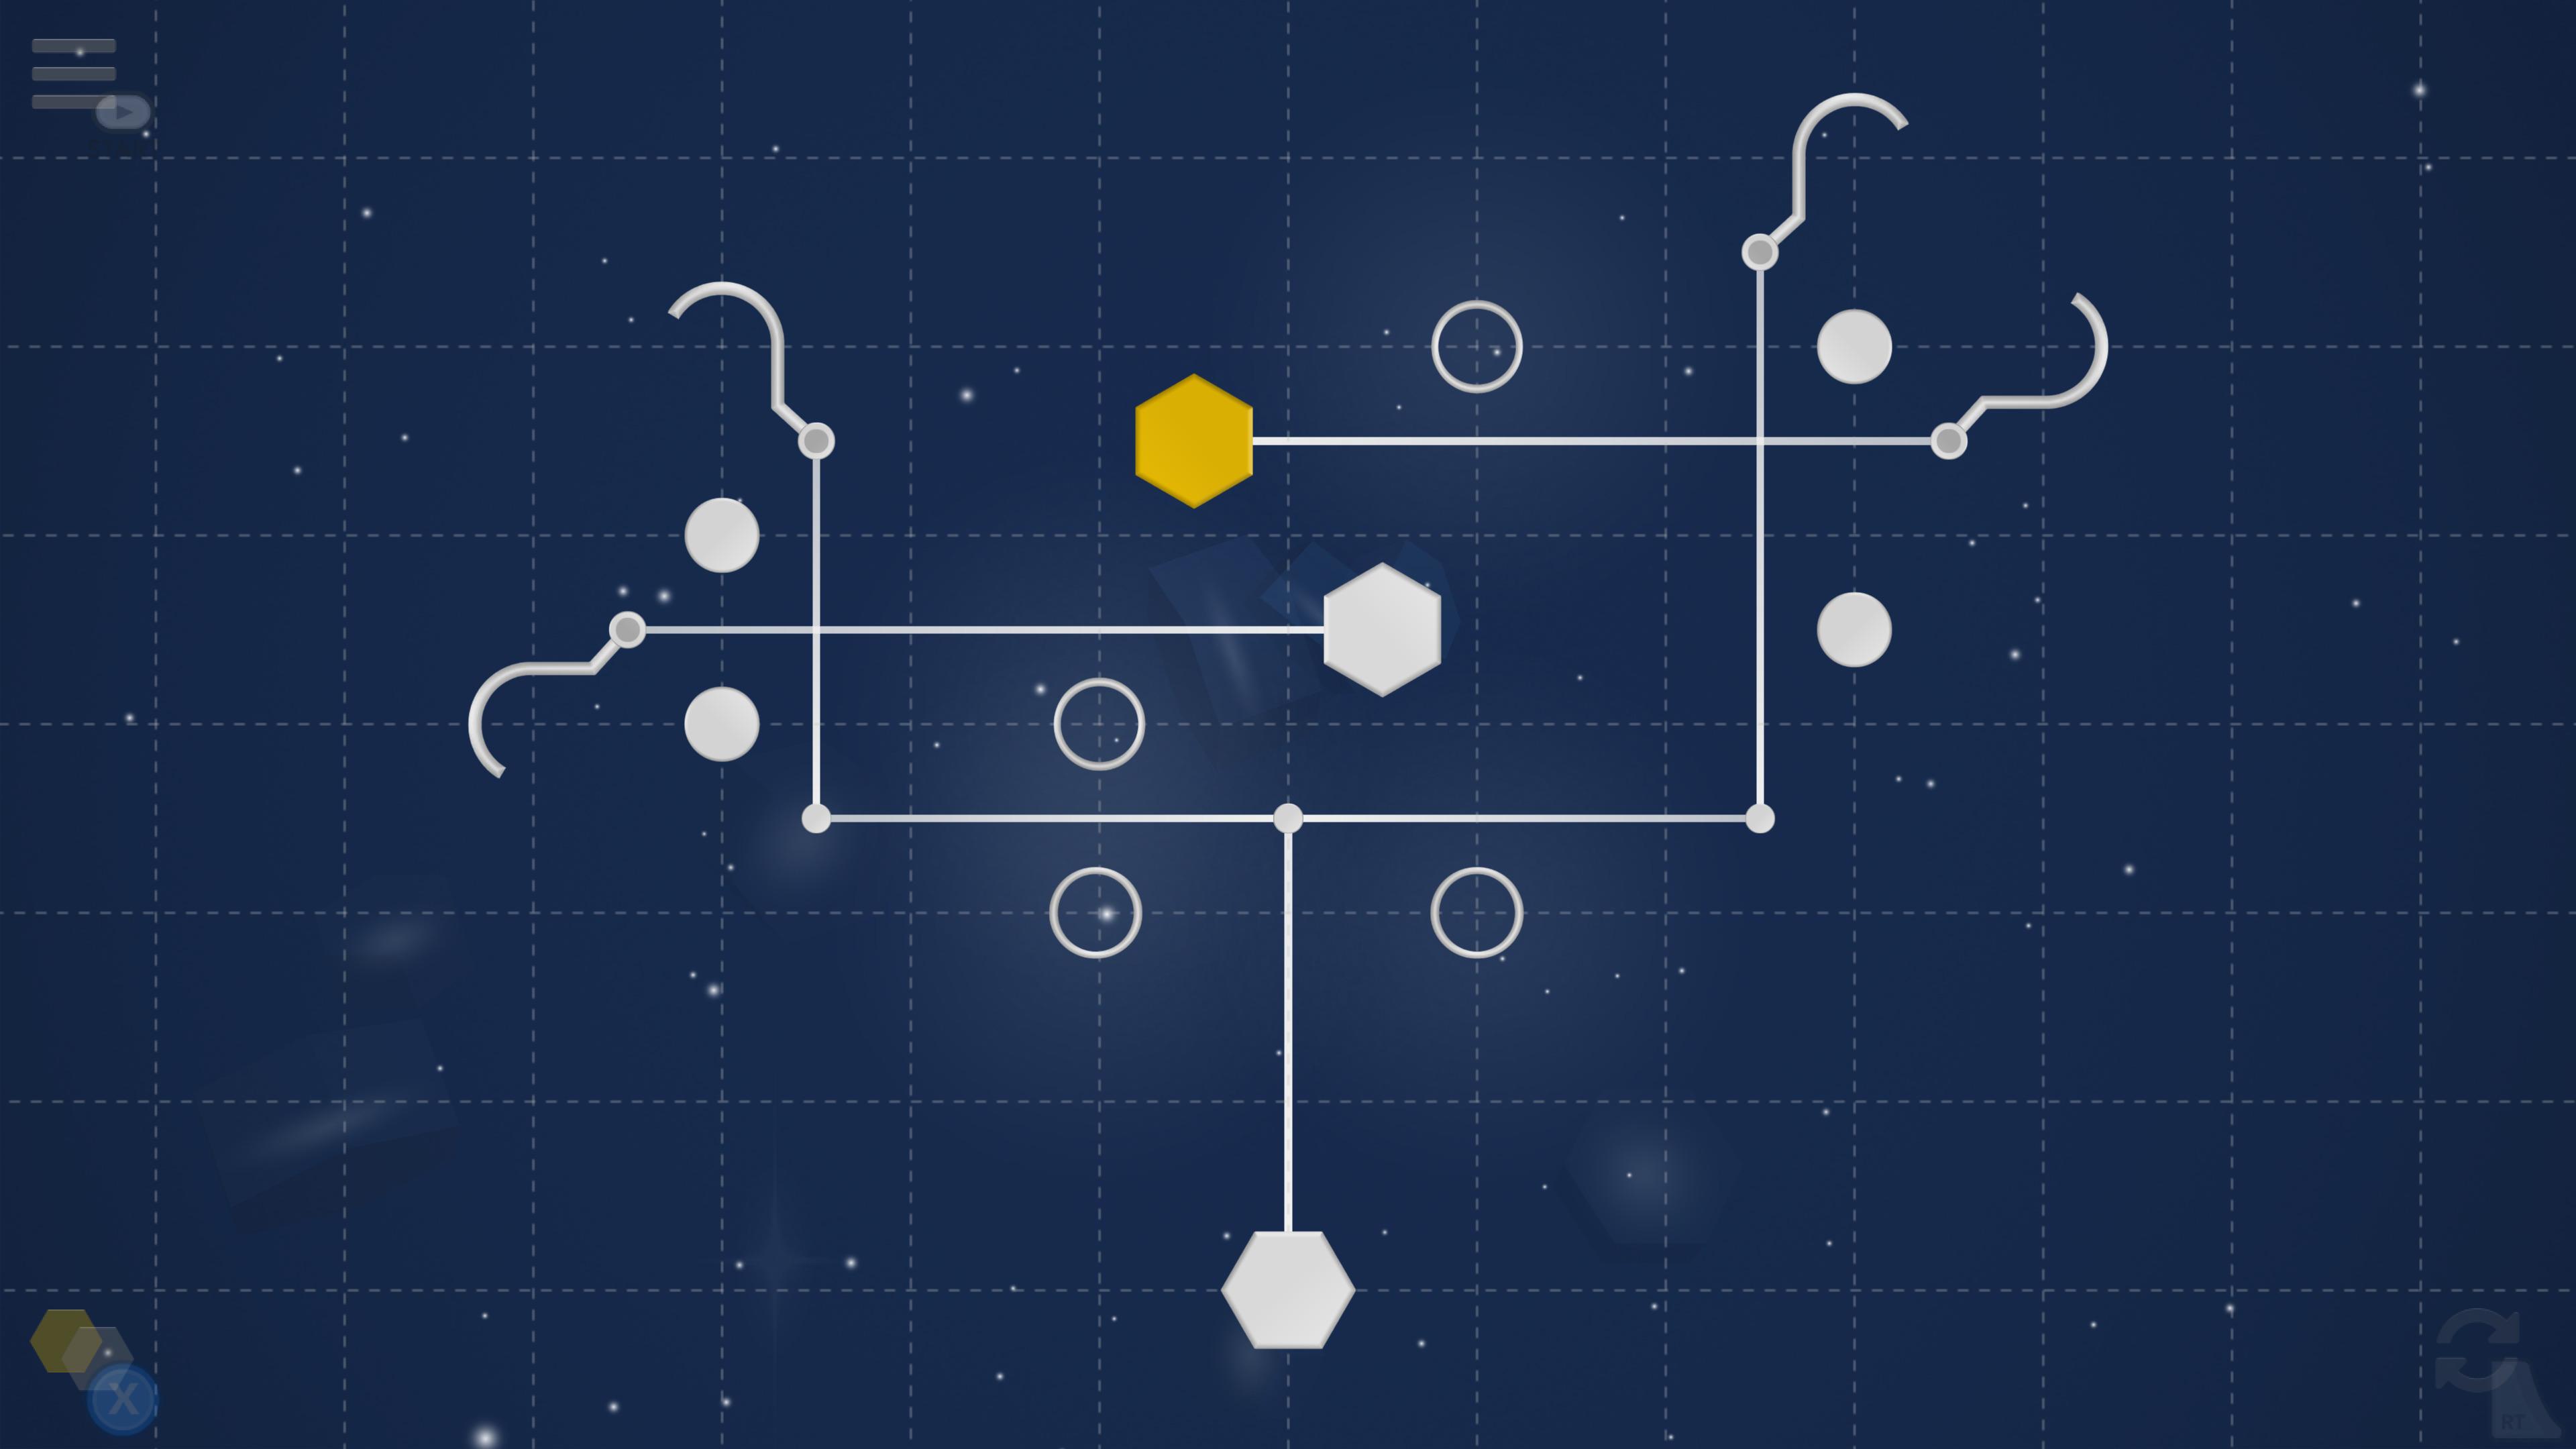 SiNKR: A minimalist puzzle screenshot 11